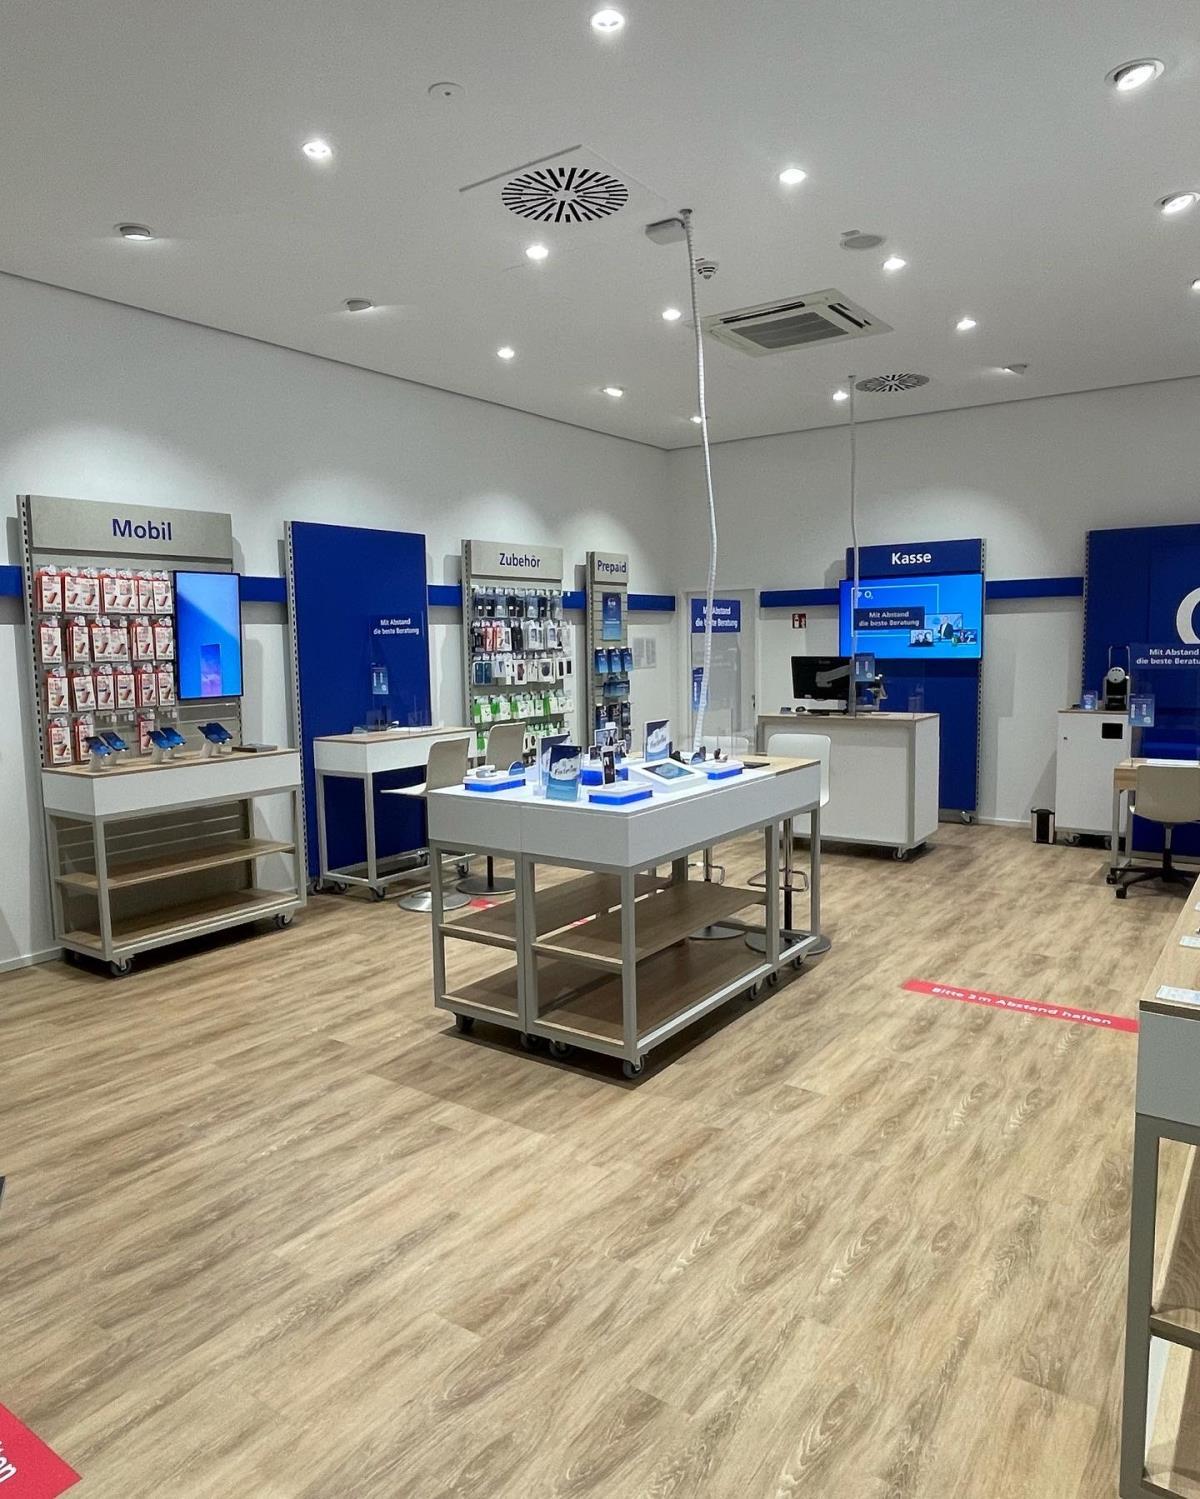 O2 Shop Bochum : o2 shop bochum am einkaufszentrum 18 ~ Eleganceandgraceweddings.com Haus und Dekorationen